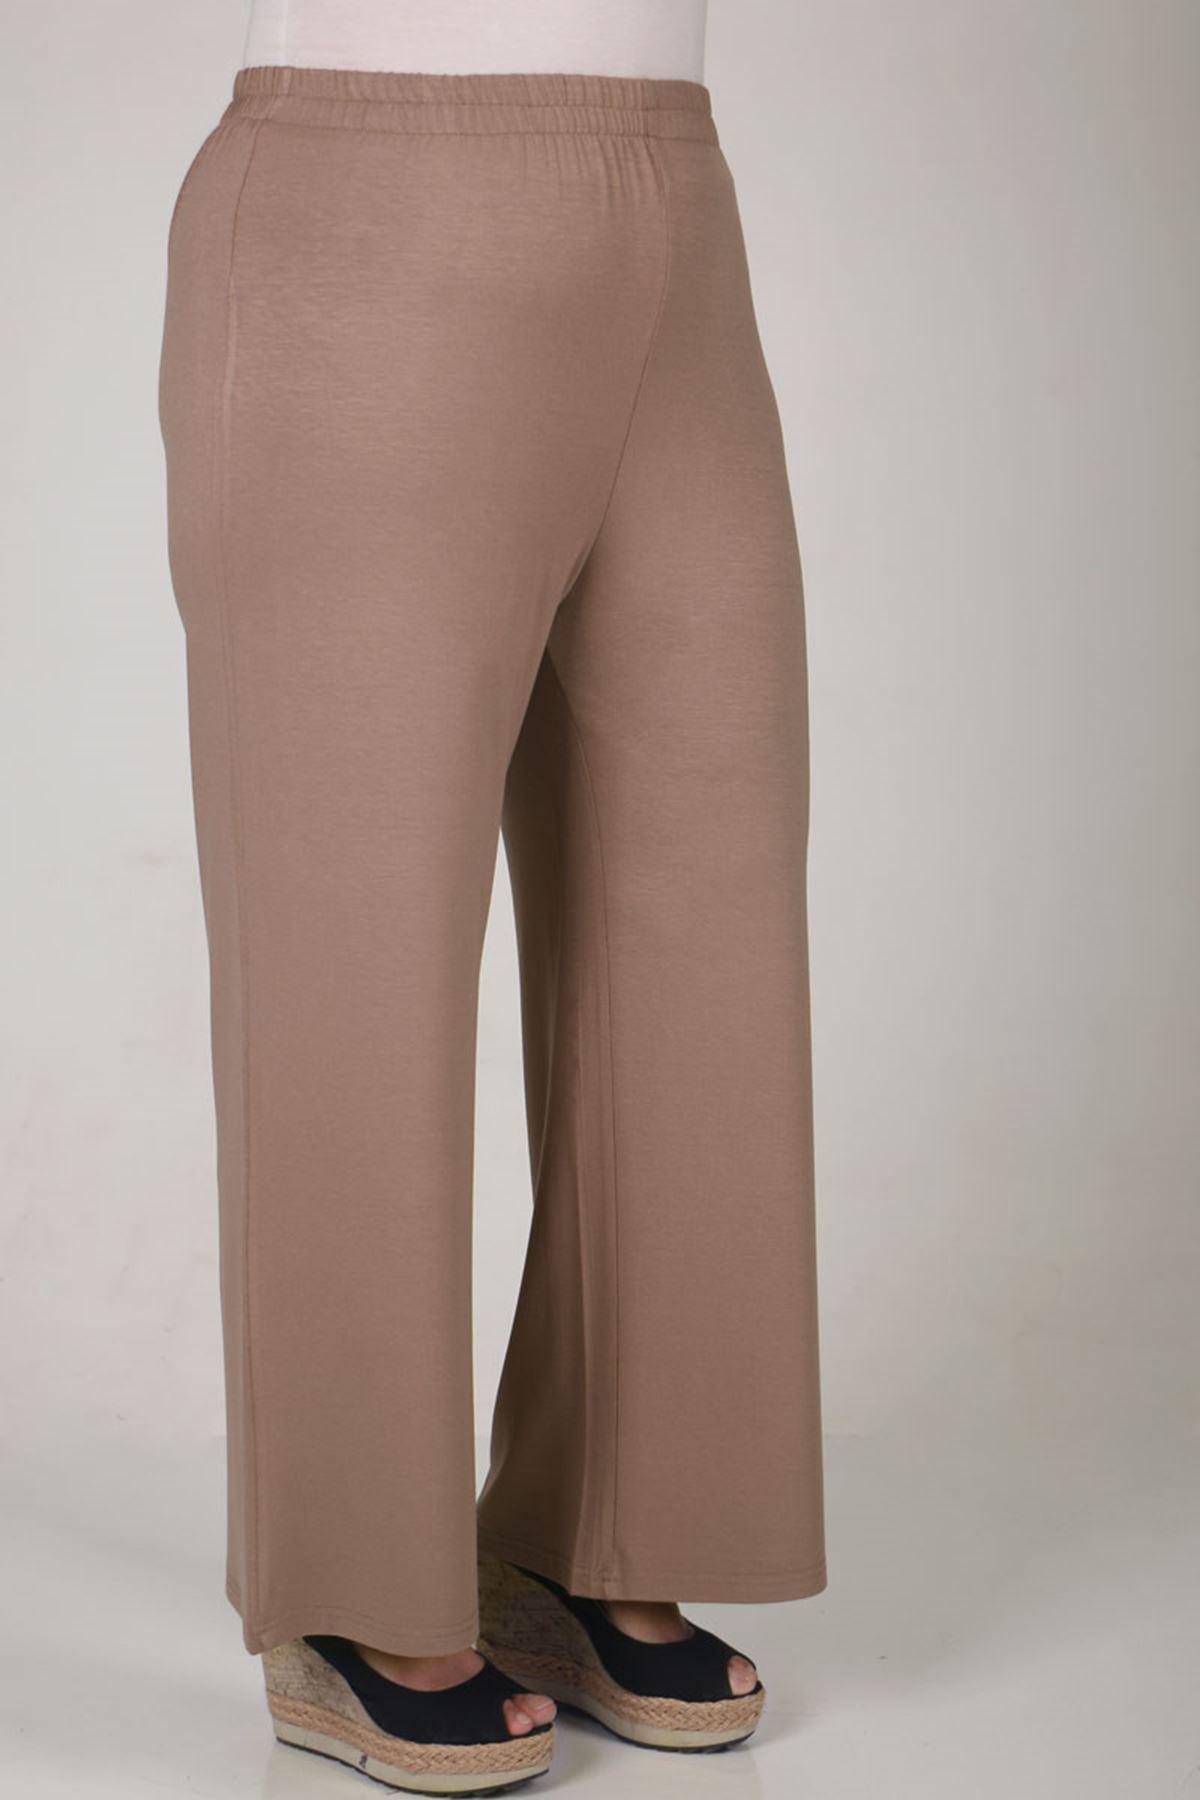 7526 Büyük Beden Penye Pantolonlu Takım-Vizon